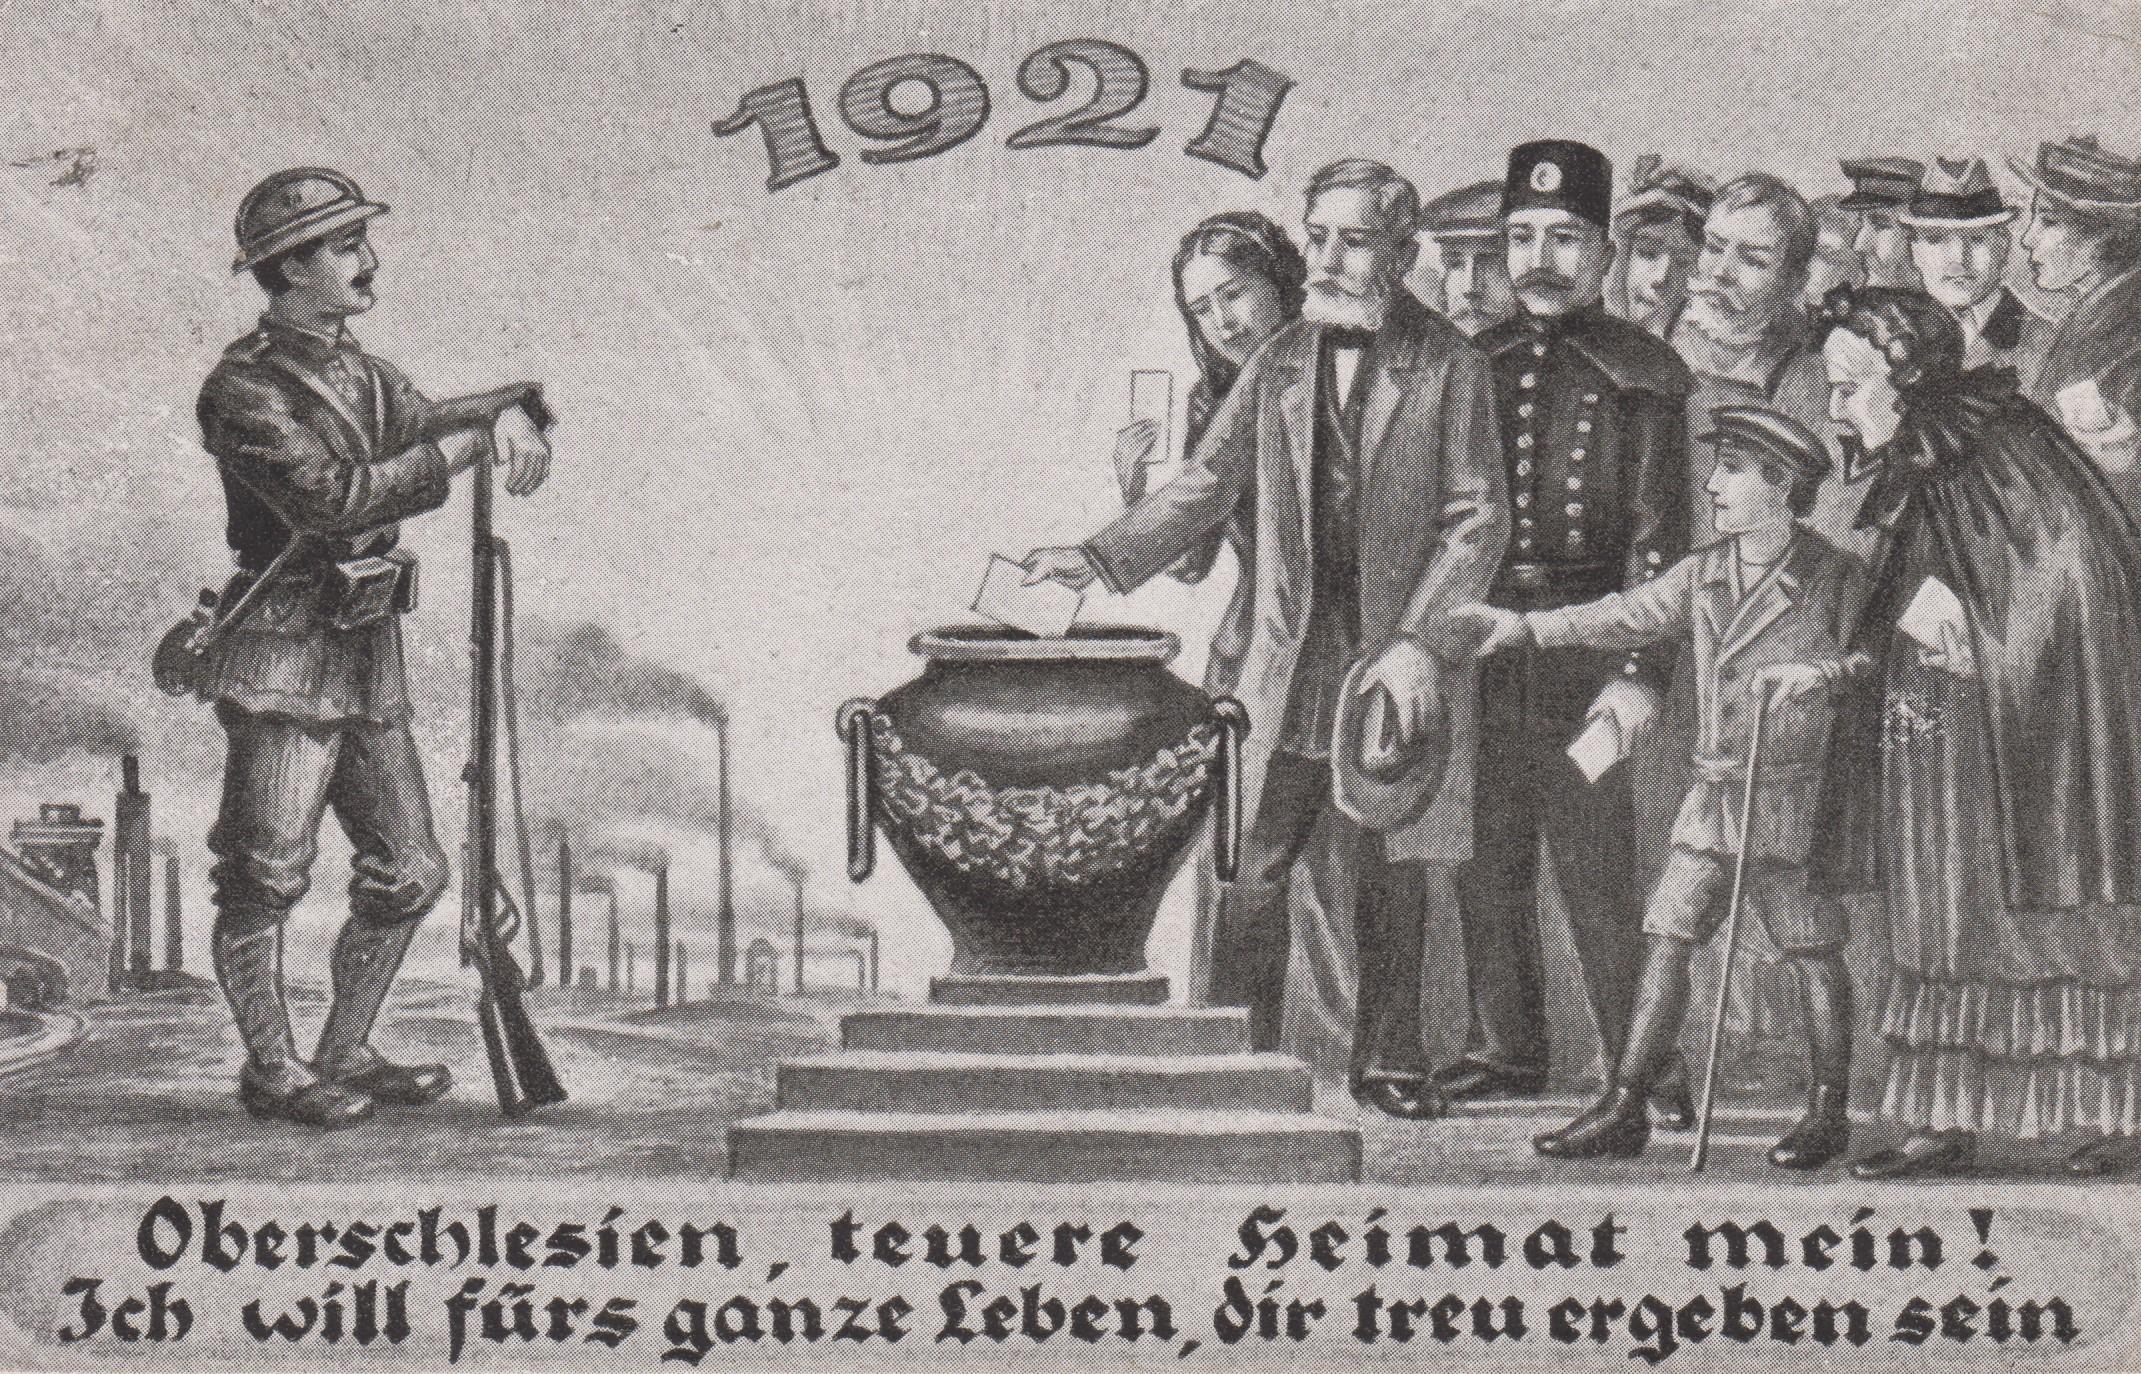 Vor 100 Jahren: Volksabstimmung in Oberschlesien